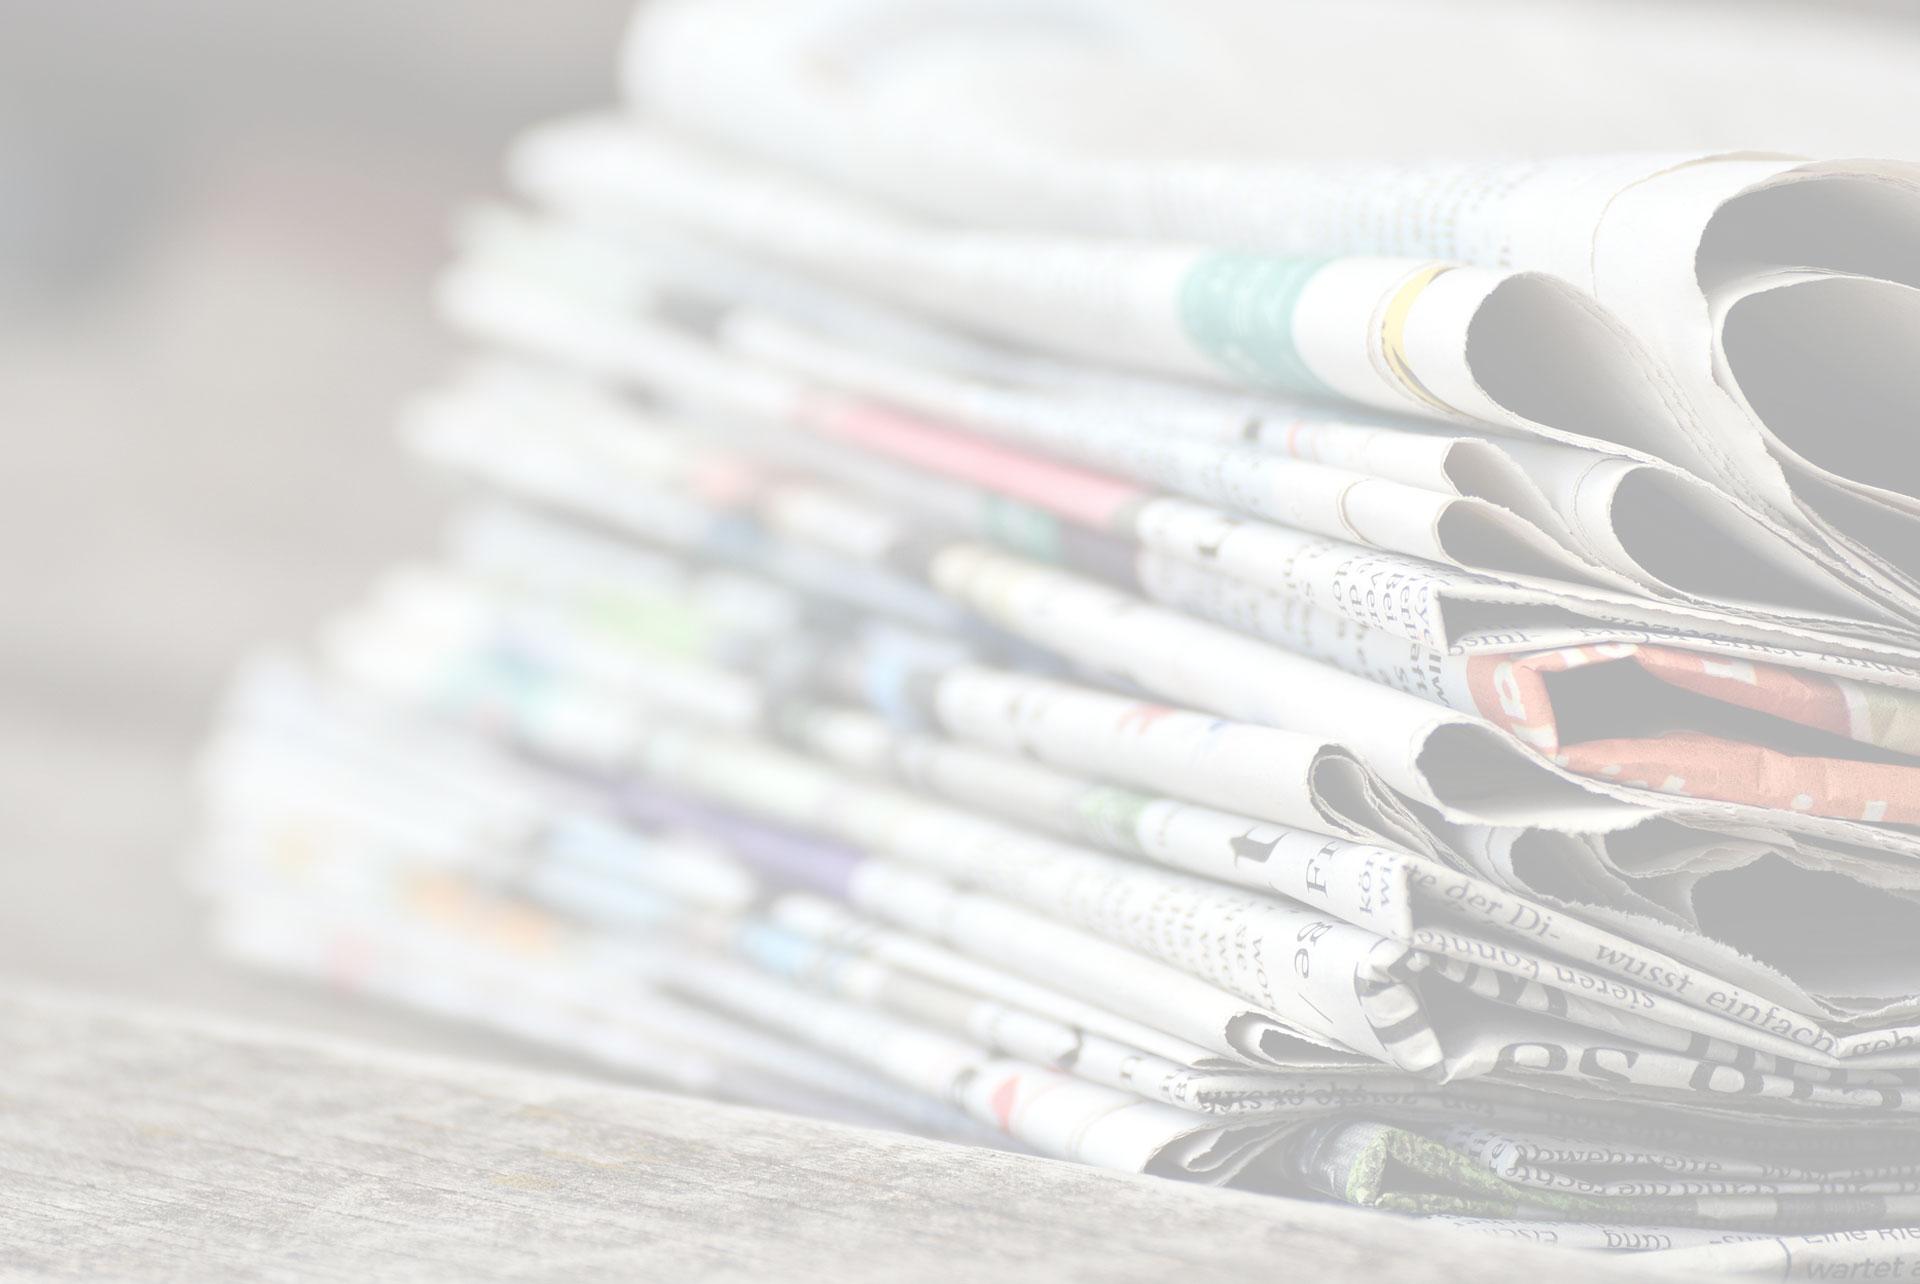 Micronesia aereo in mare